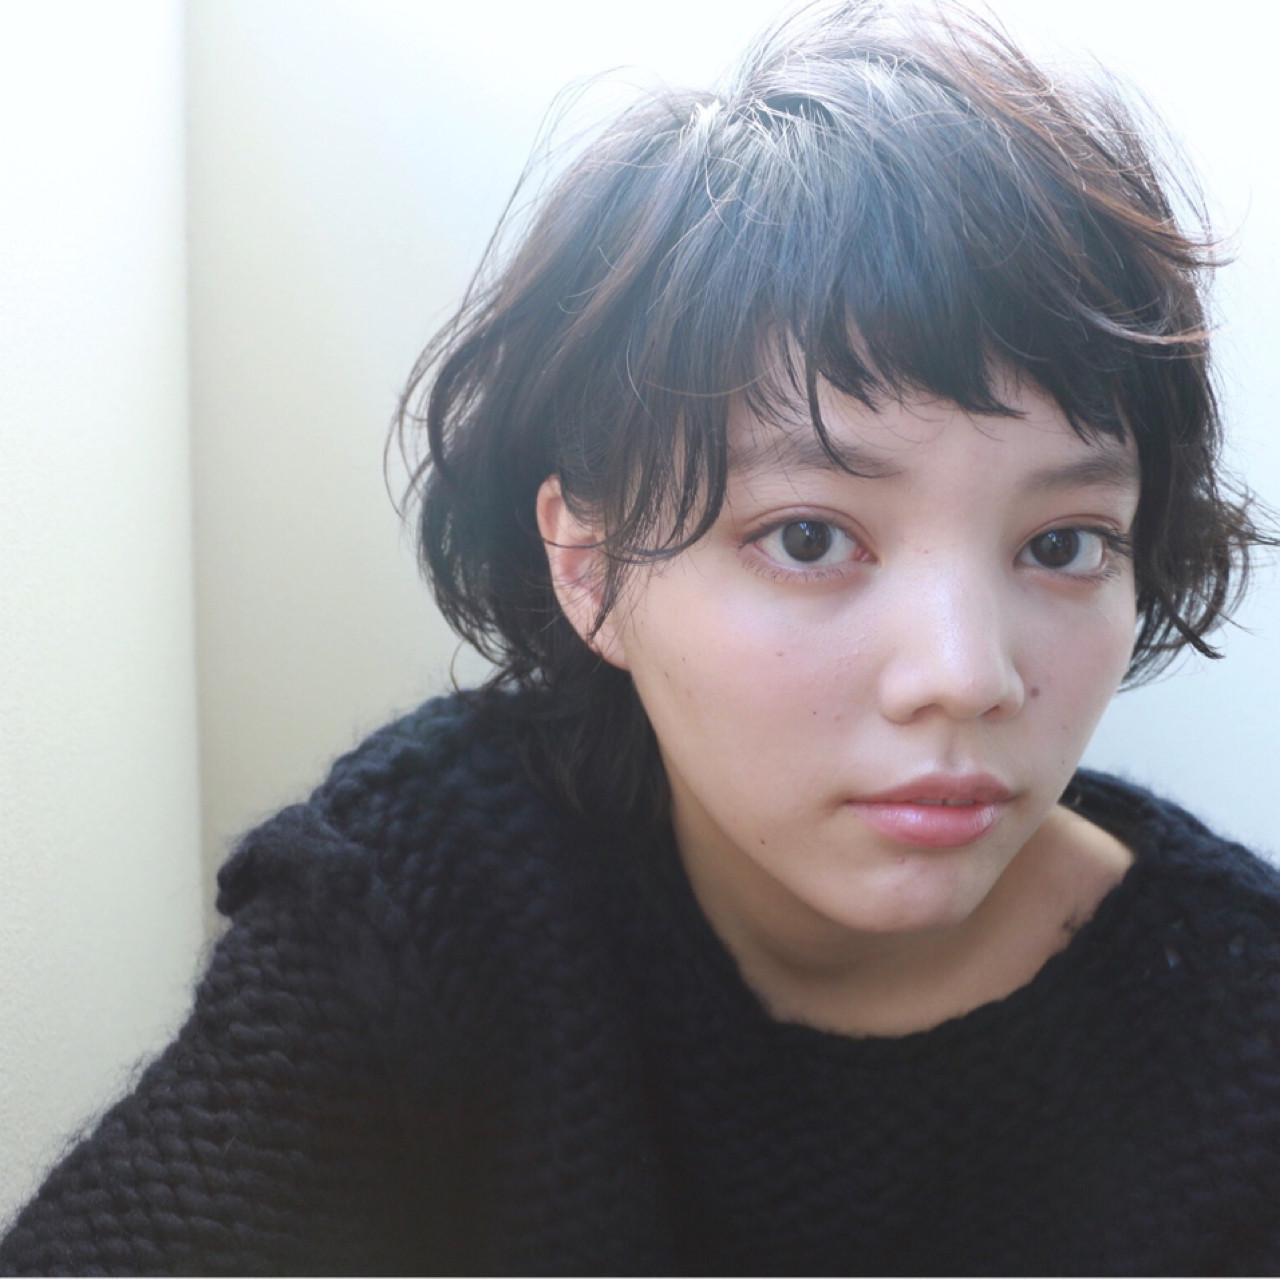 前髪で印象チェンジ♡「アシメバング」が似合うボブヘアスタイル&アレンジ集